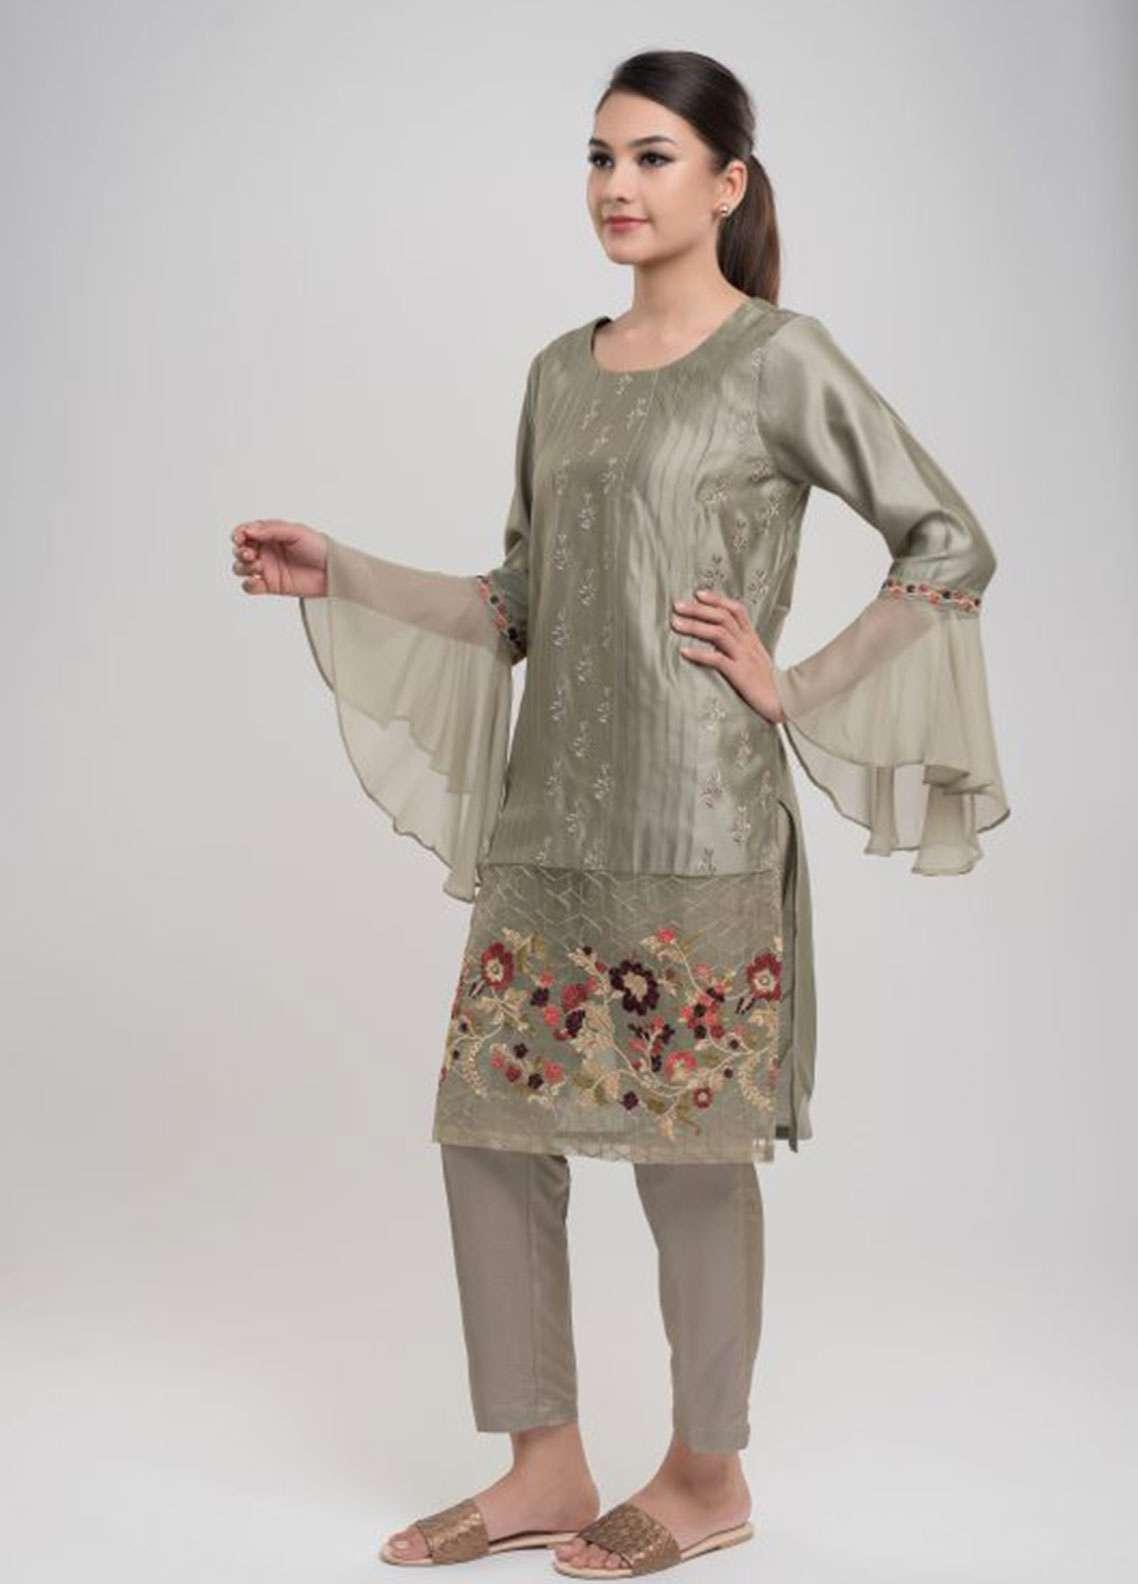 Dhanak Embroidered Cotton Net Stitched Kurtis GREY DA-0676